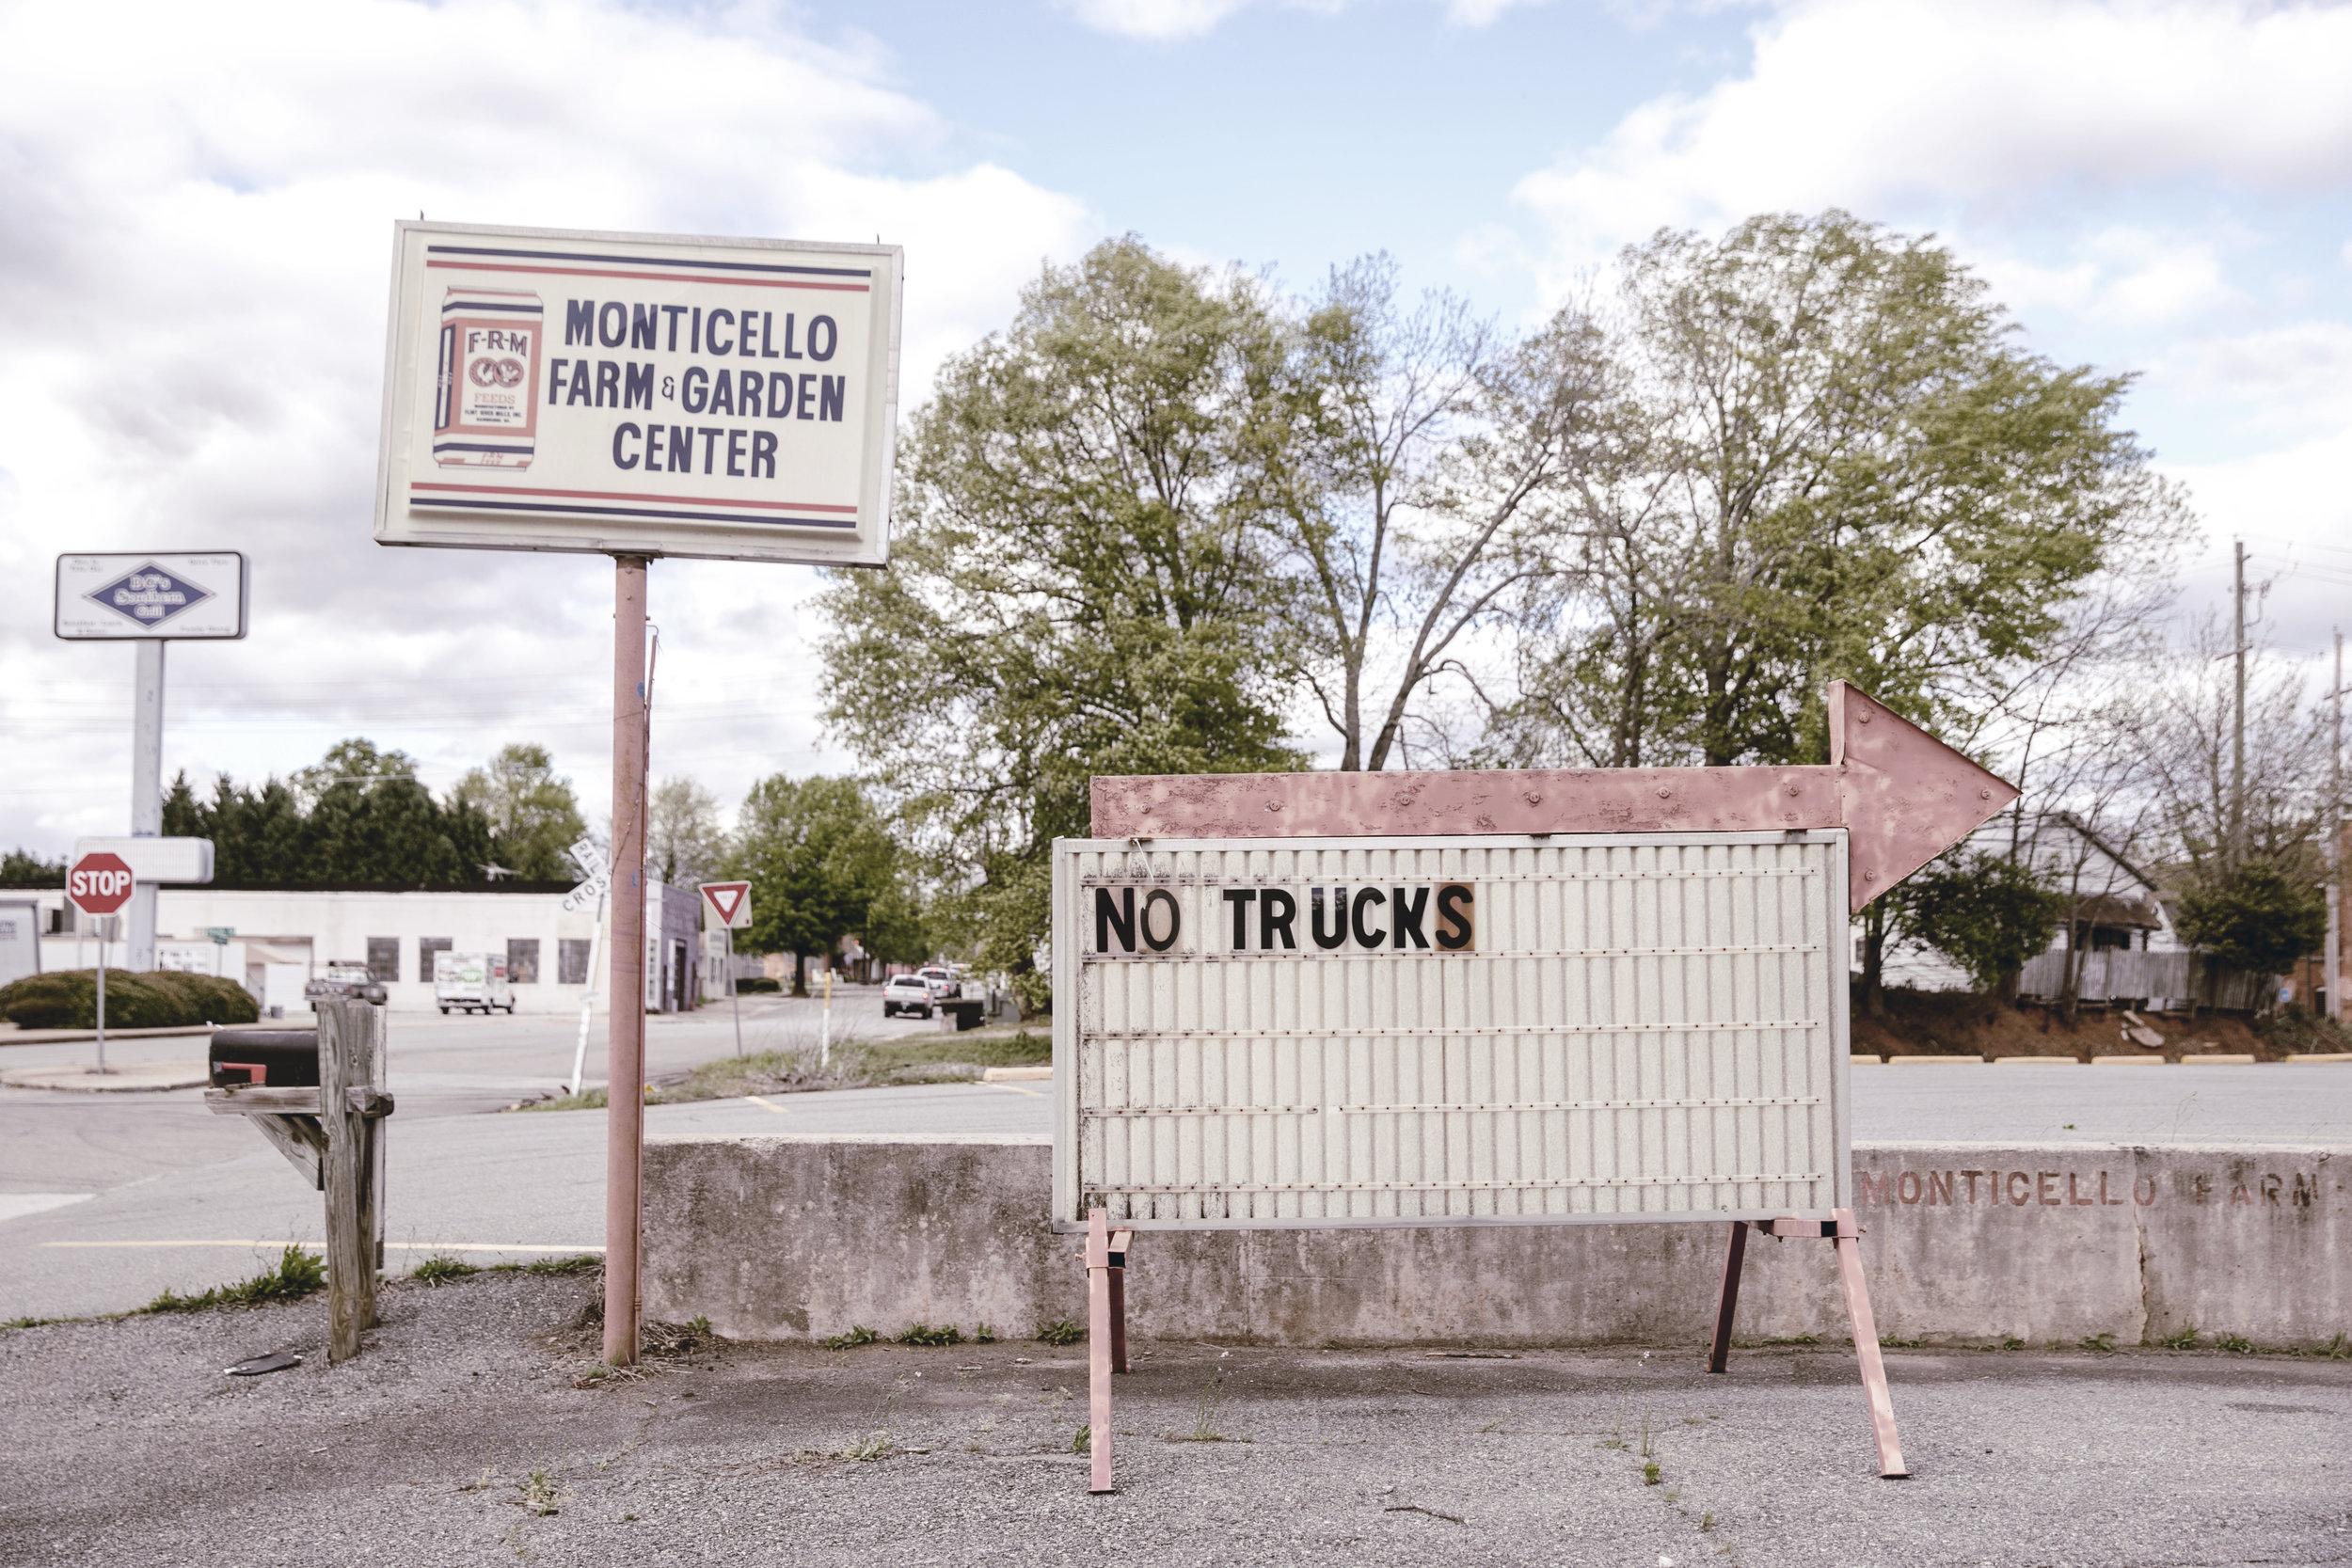 Monticello Farm and Garden Center in Monticello GA / heirloomed